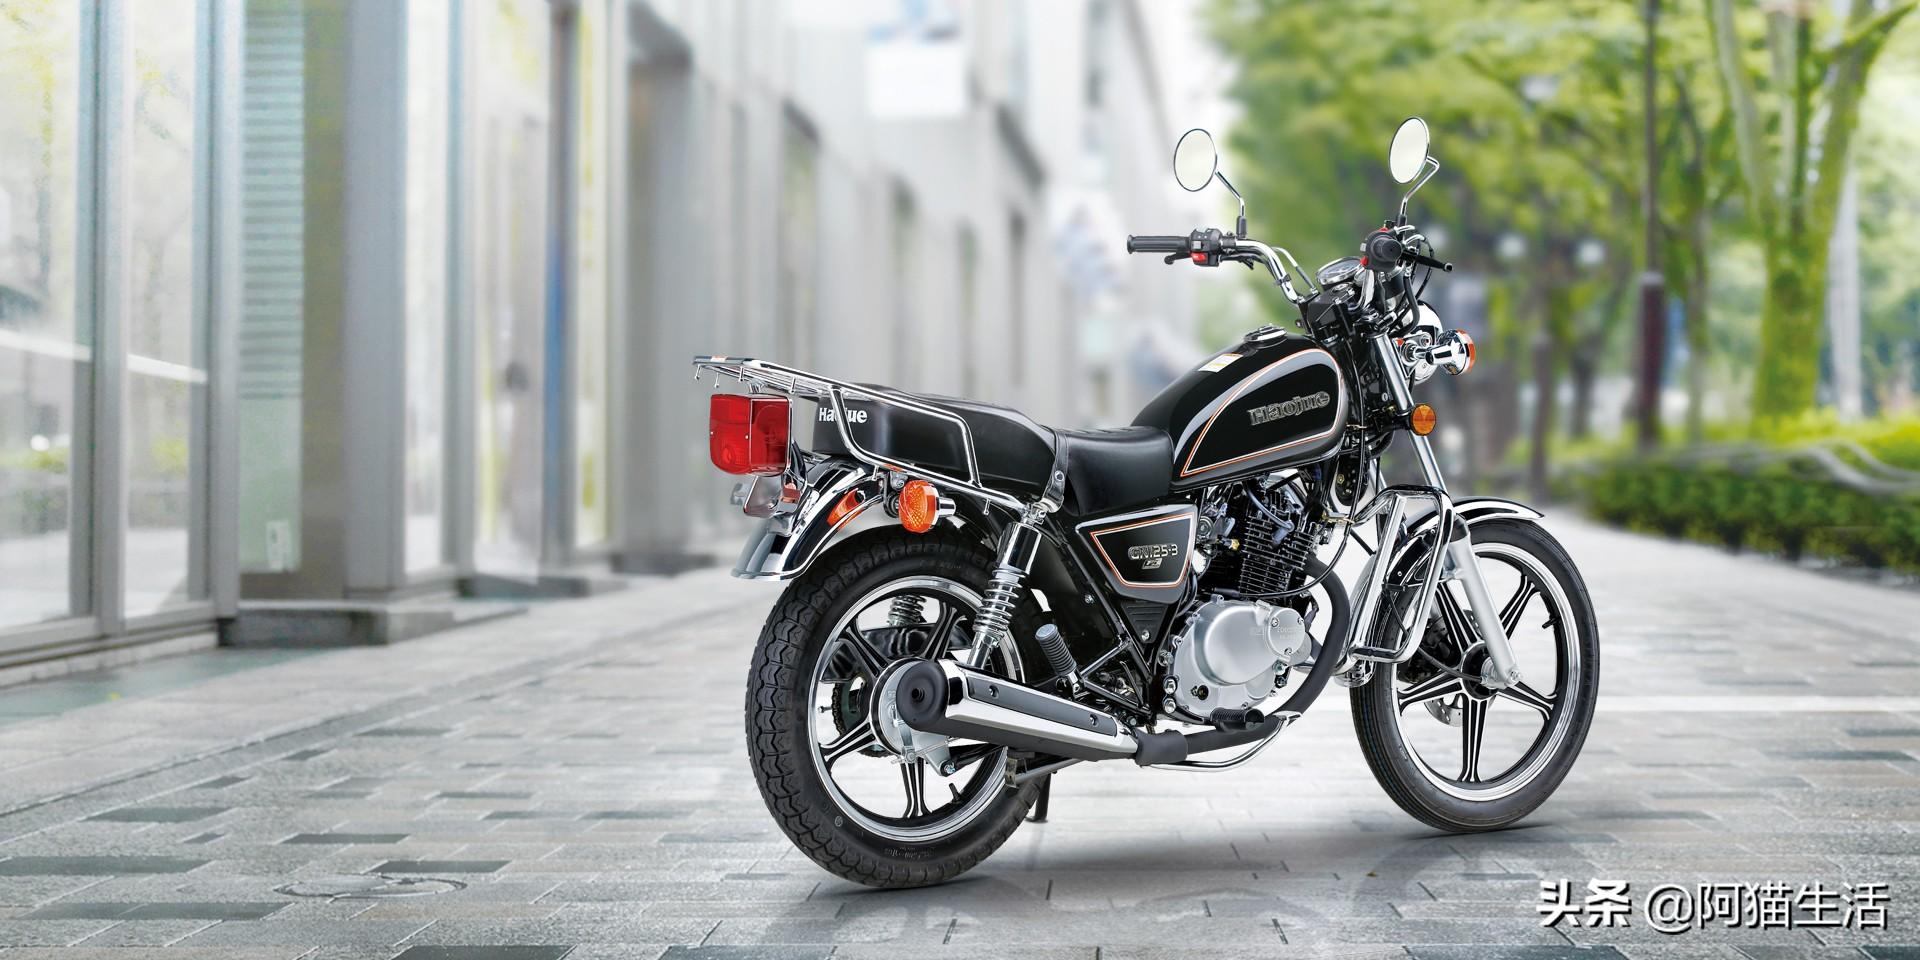 一代經典的铃木摩托GN125摩托车,现如今是不是還是长青树?